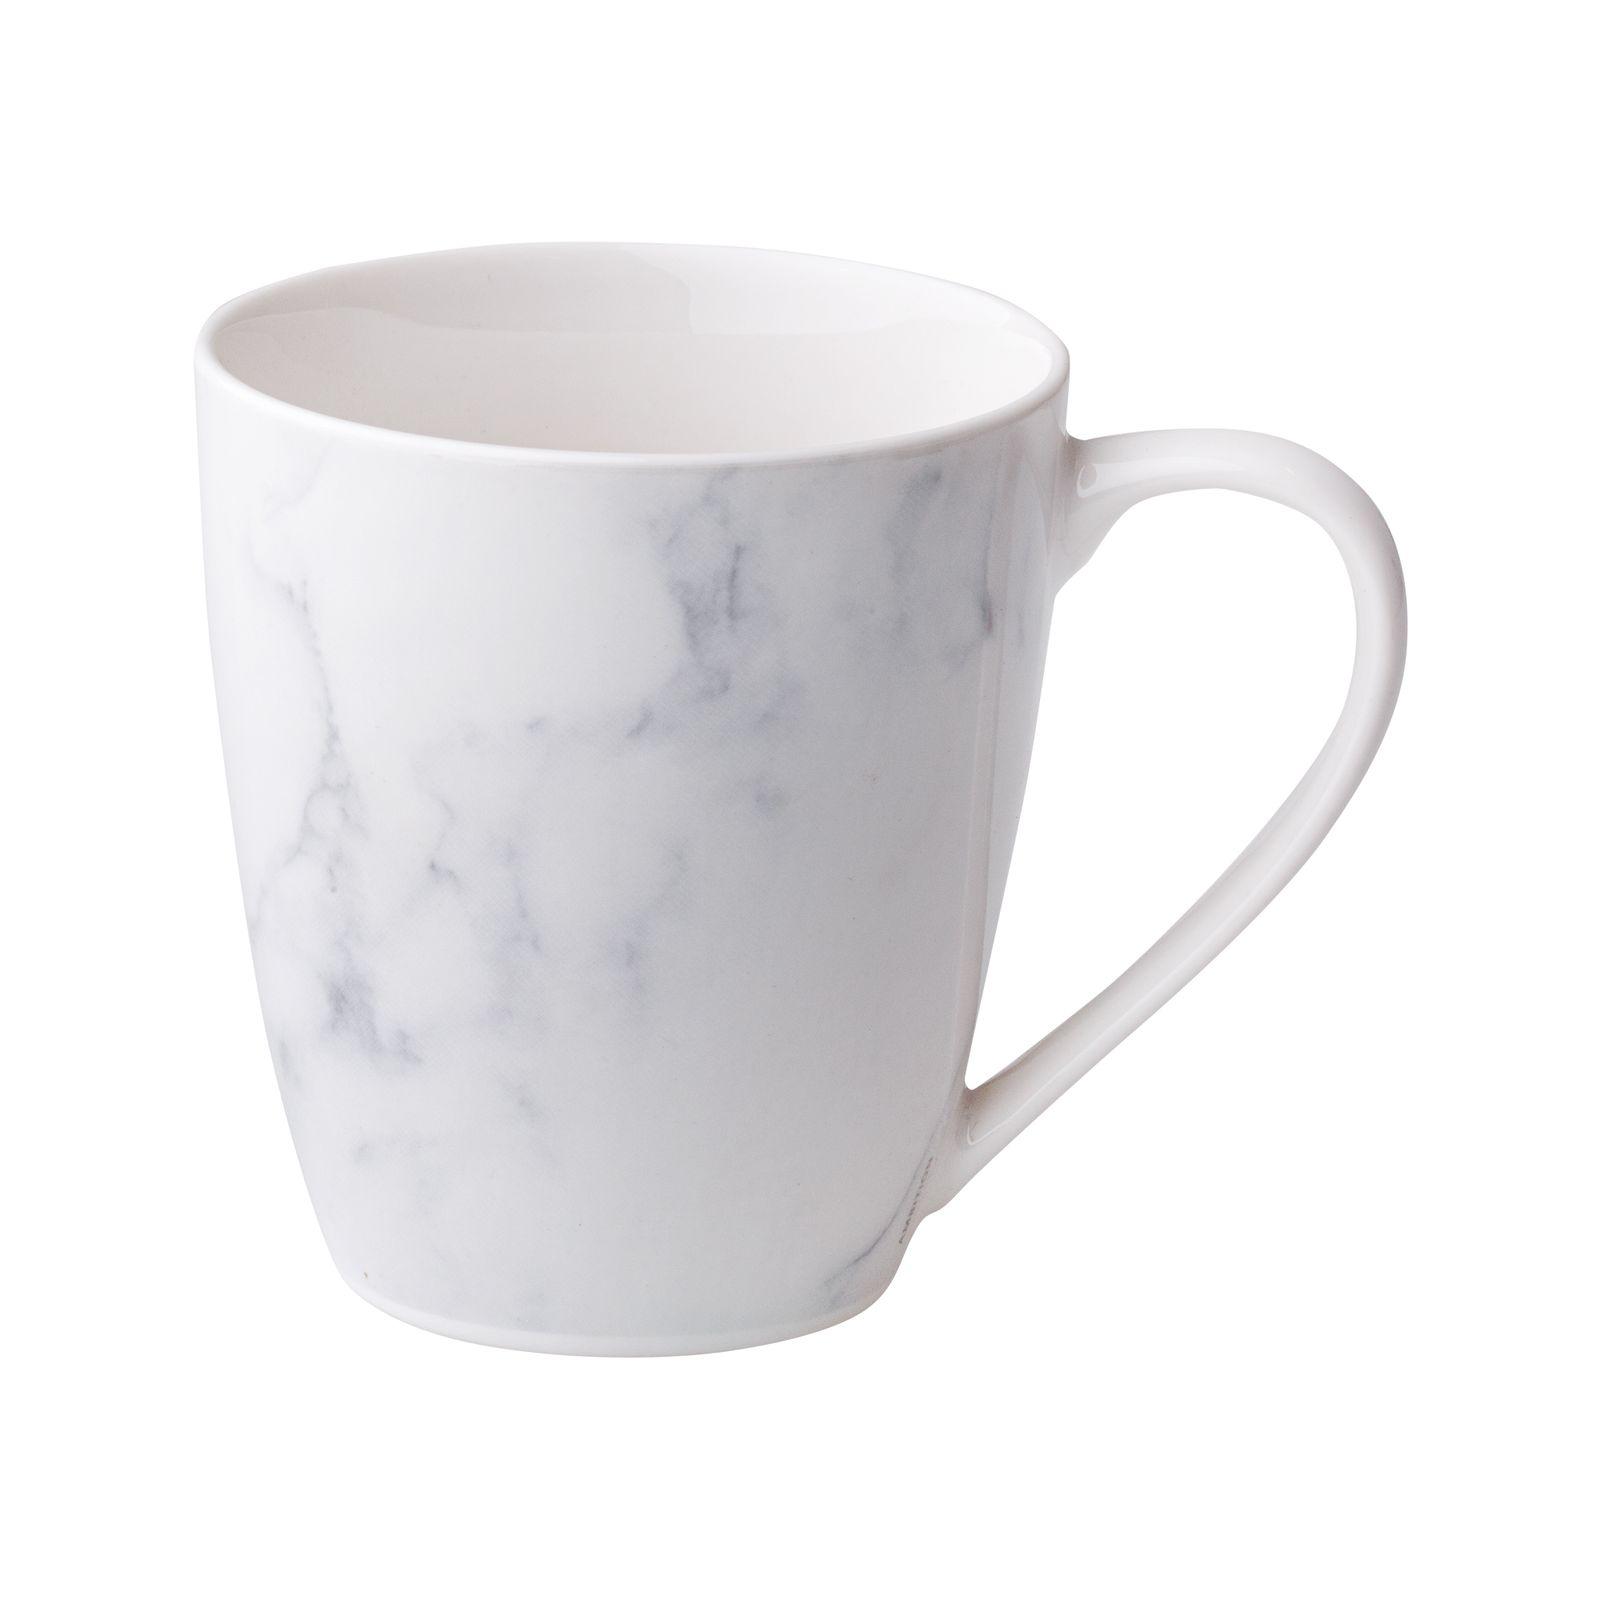 Tasse en porcelaine Marble 37 cl AMBITION